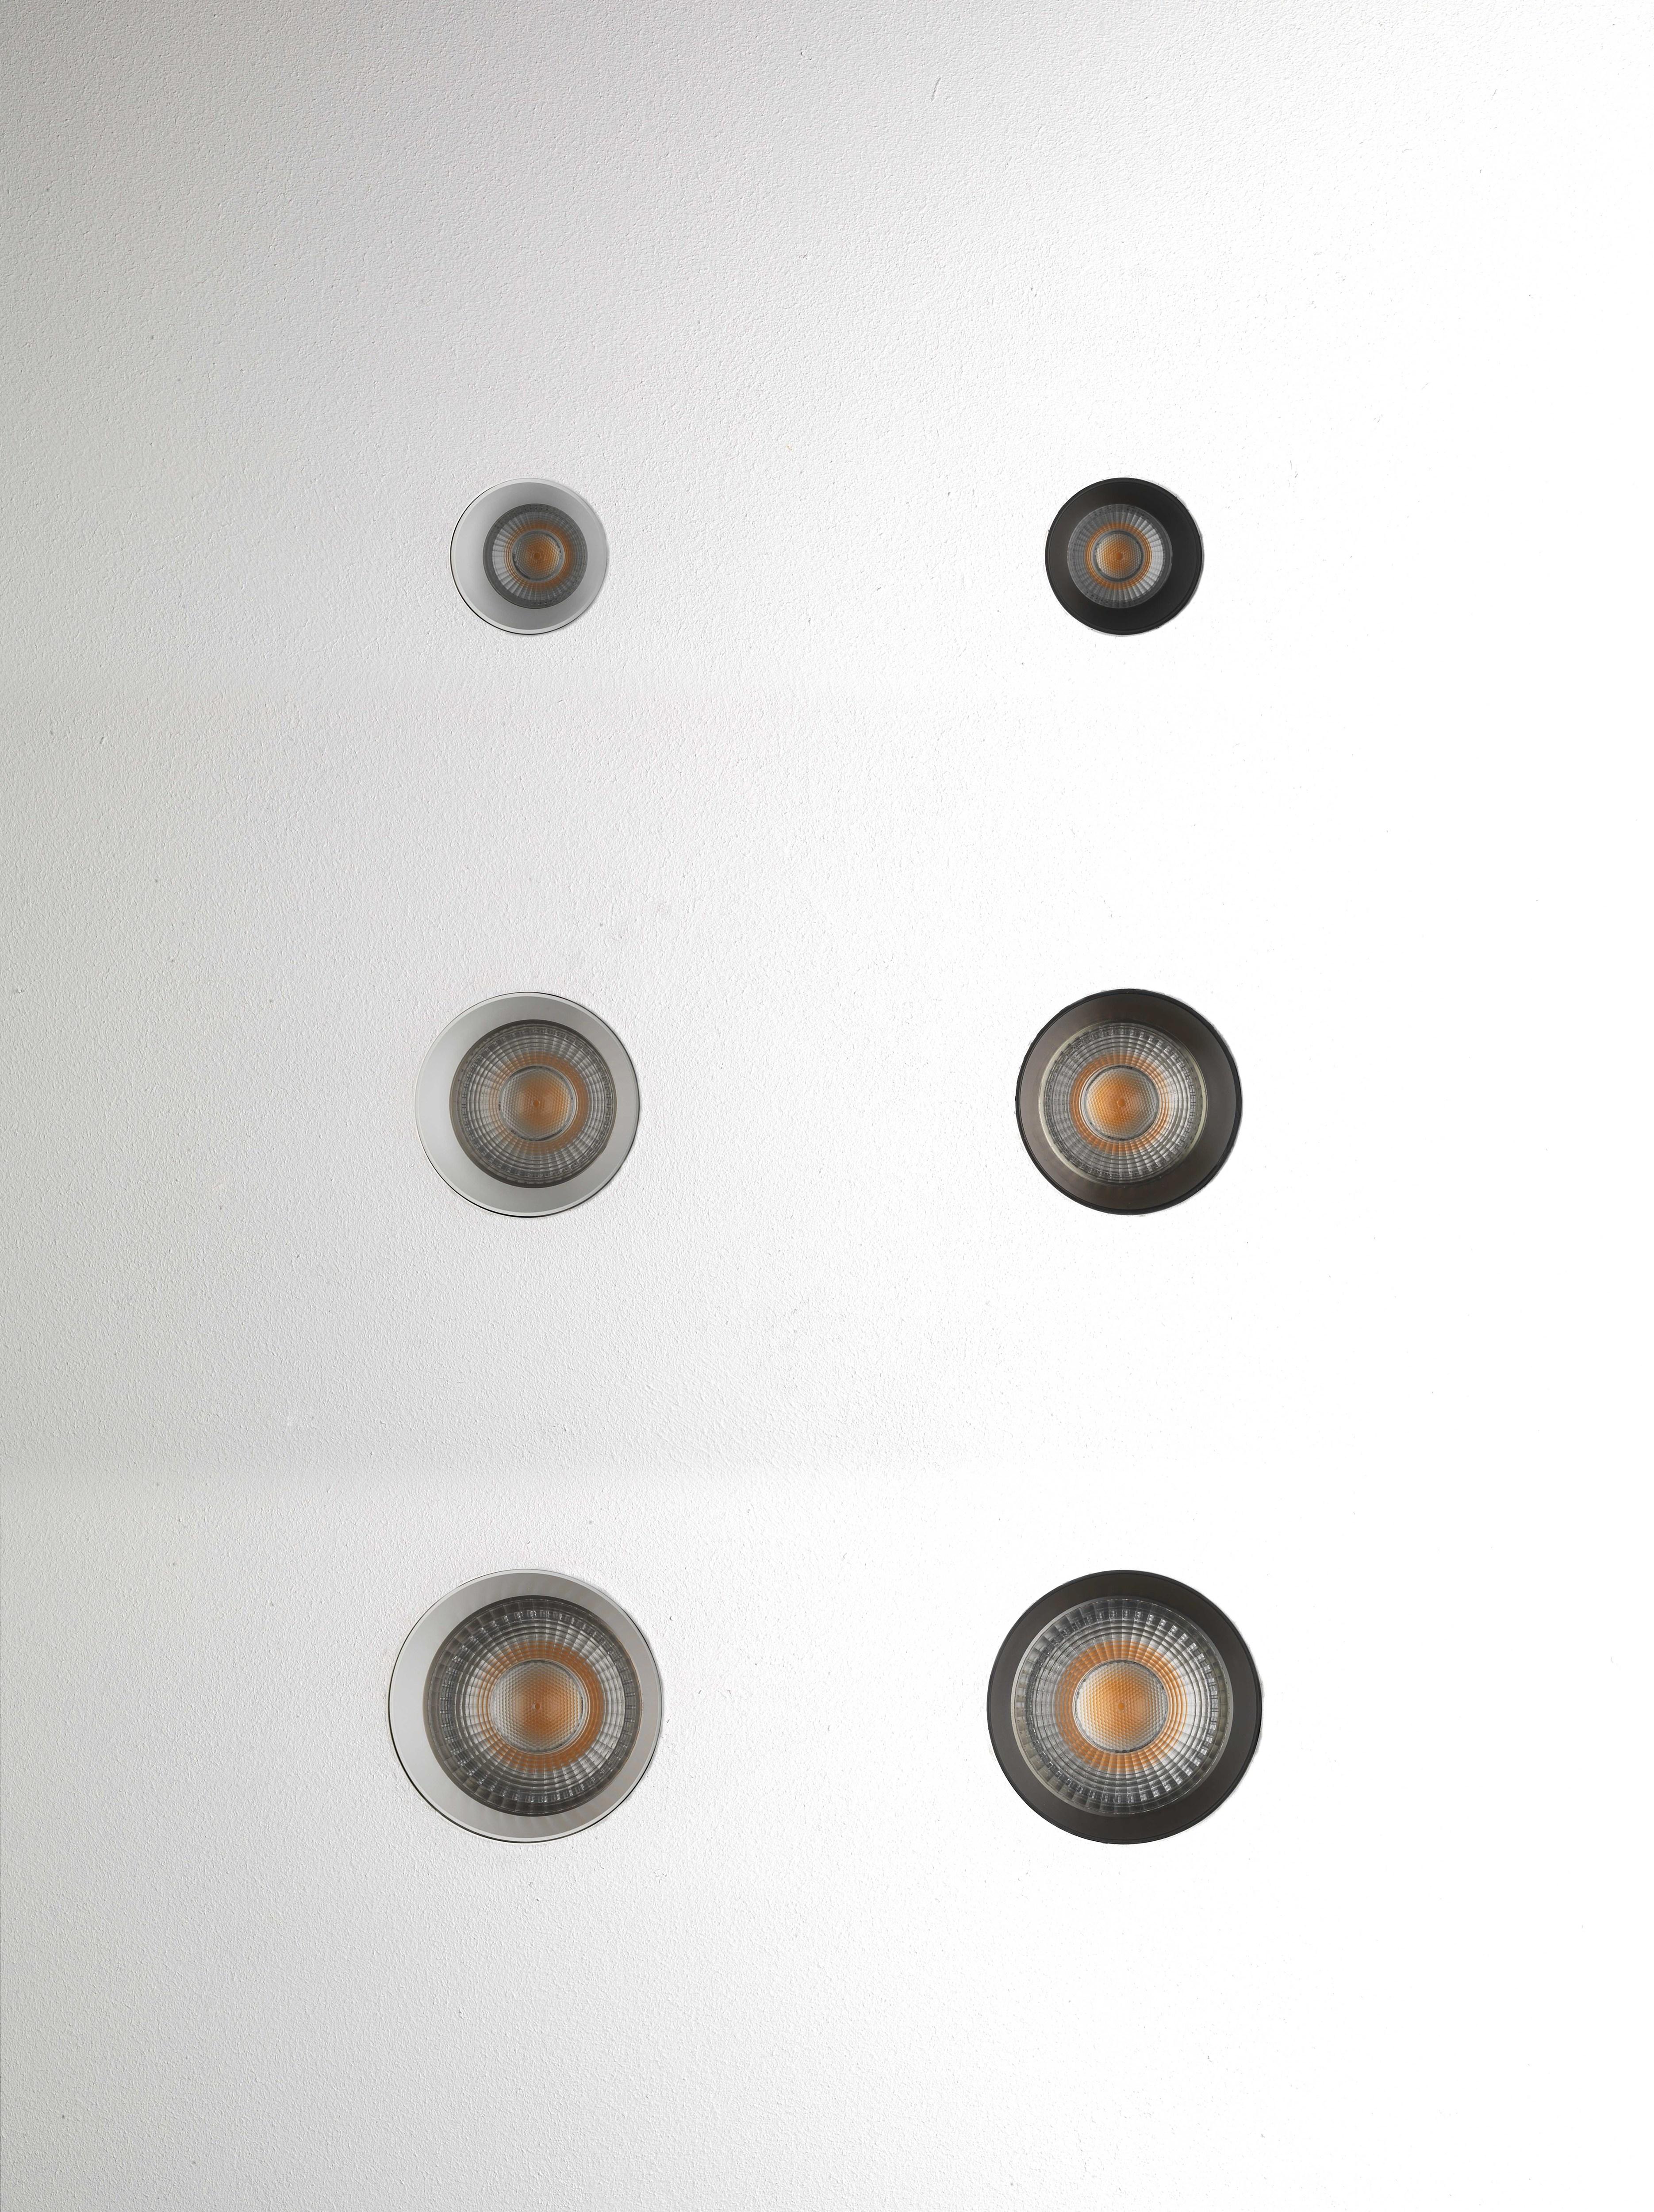 Встраиваемый светодиодный светильник Astro Void LED 1392011 (5782), IP65, LED 12,7W 2700K 1219lm CRI80, белый, металл - фото 2